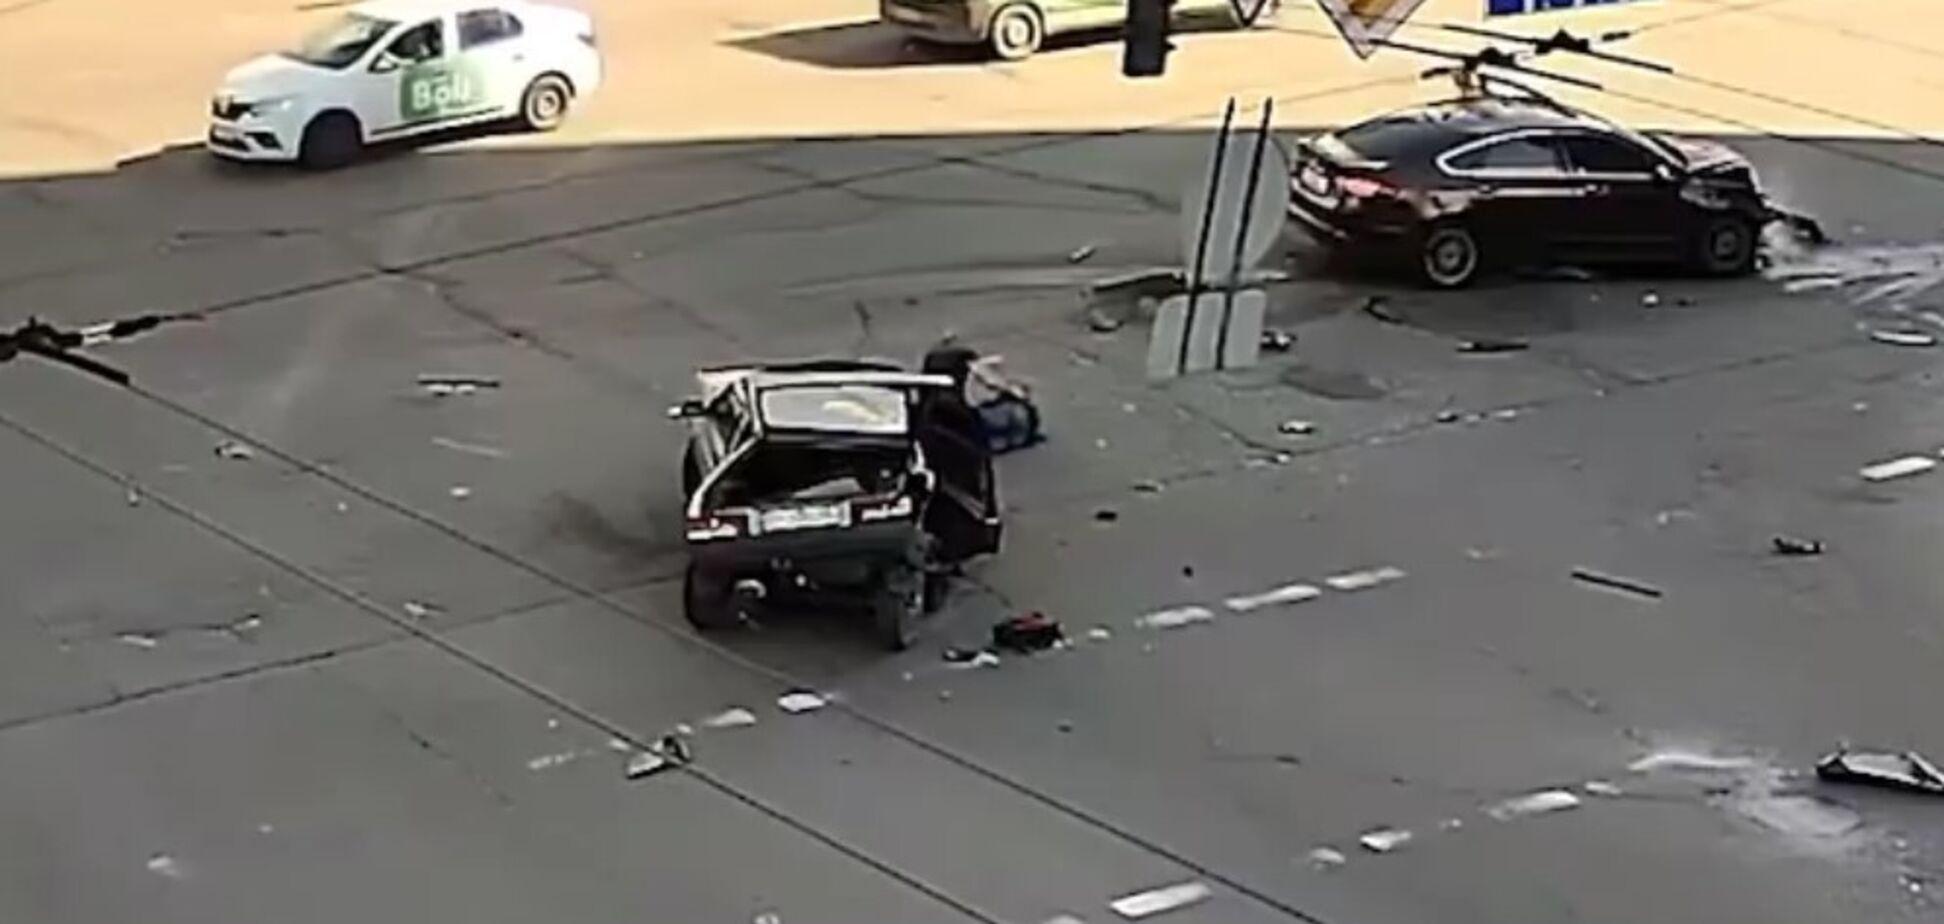 У Києві зіткнулись два автомобілі, від удару пасажир випав на проїжджу частину. Відео ДТП